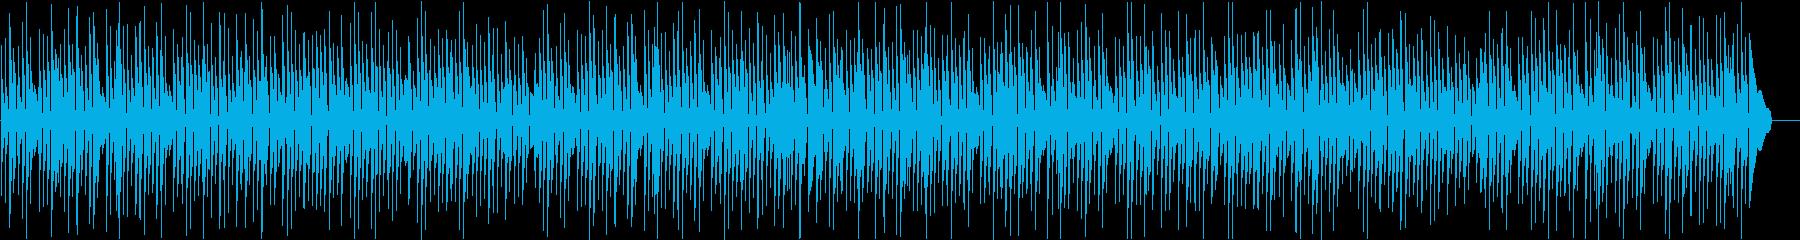 三線の音色が明るいのんびりした沖縄BGMの再生済みの波形